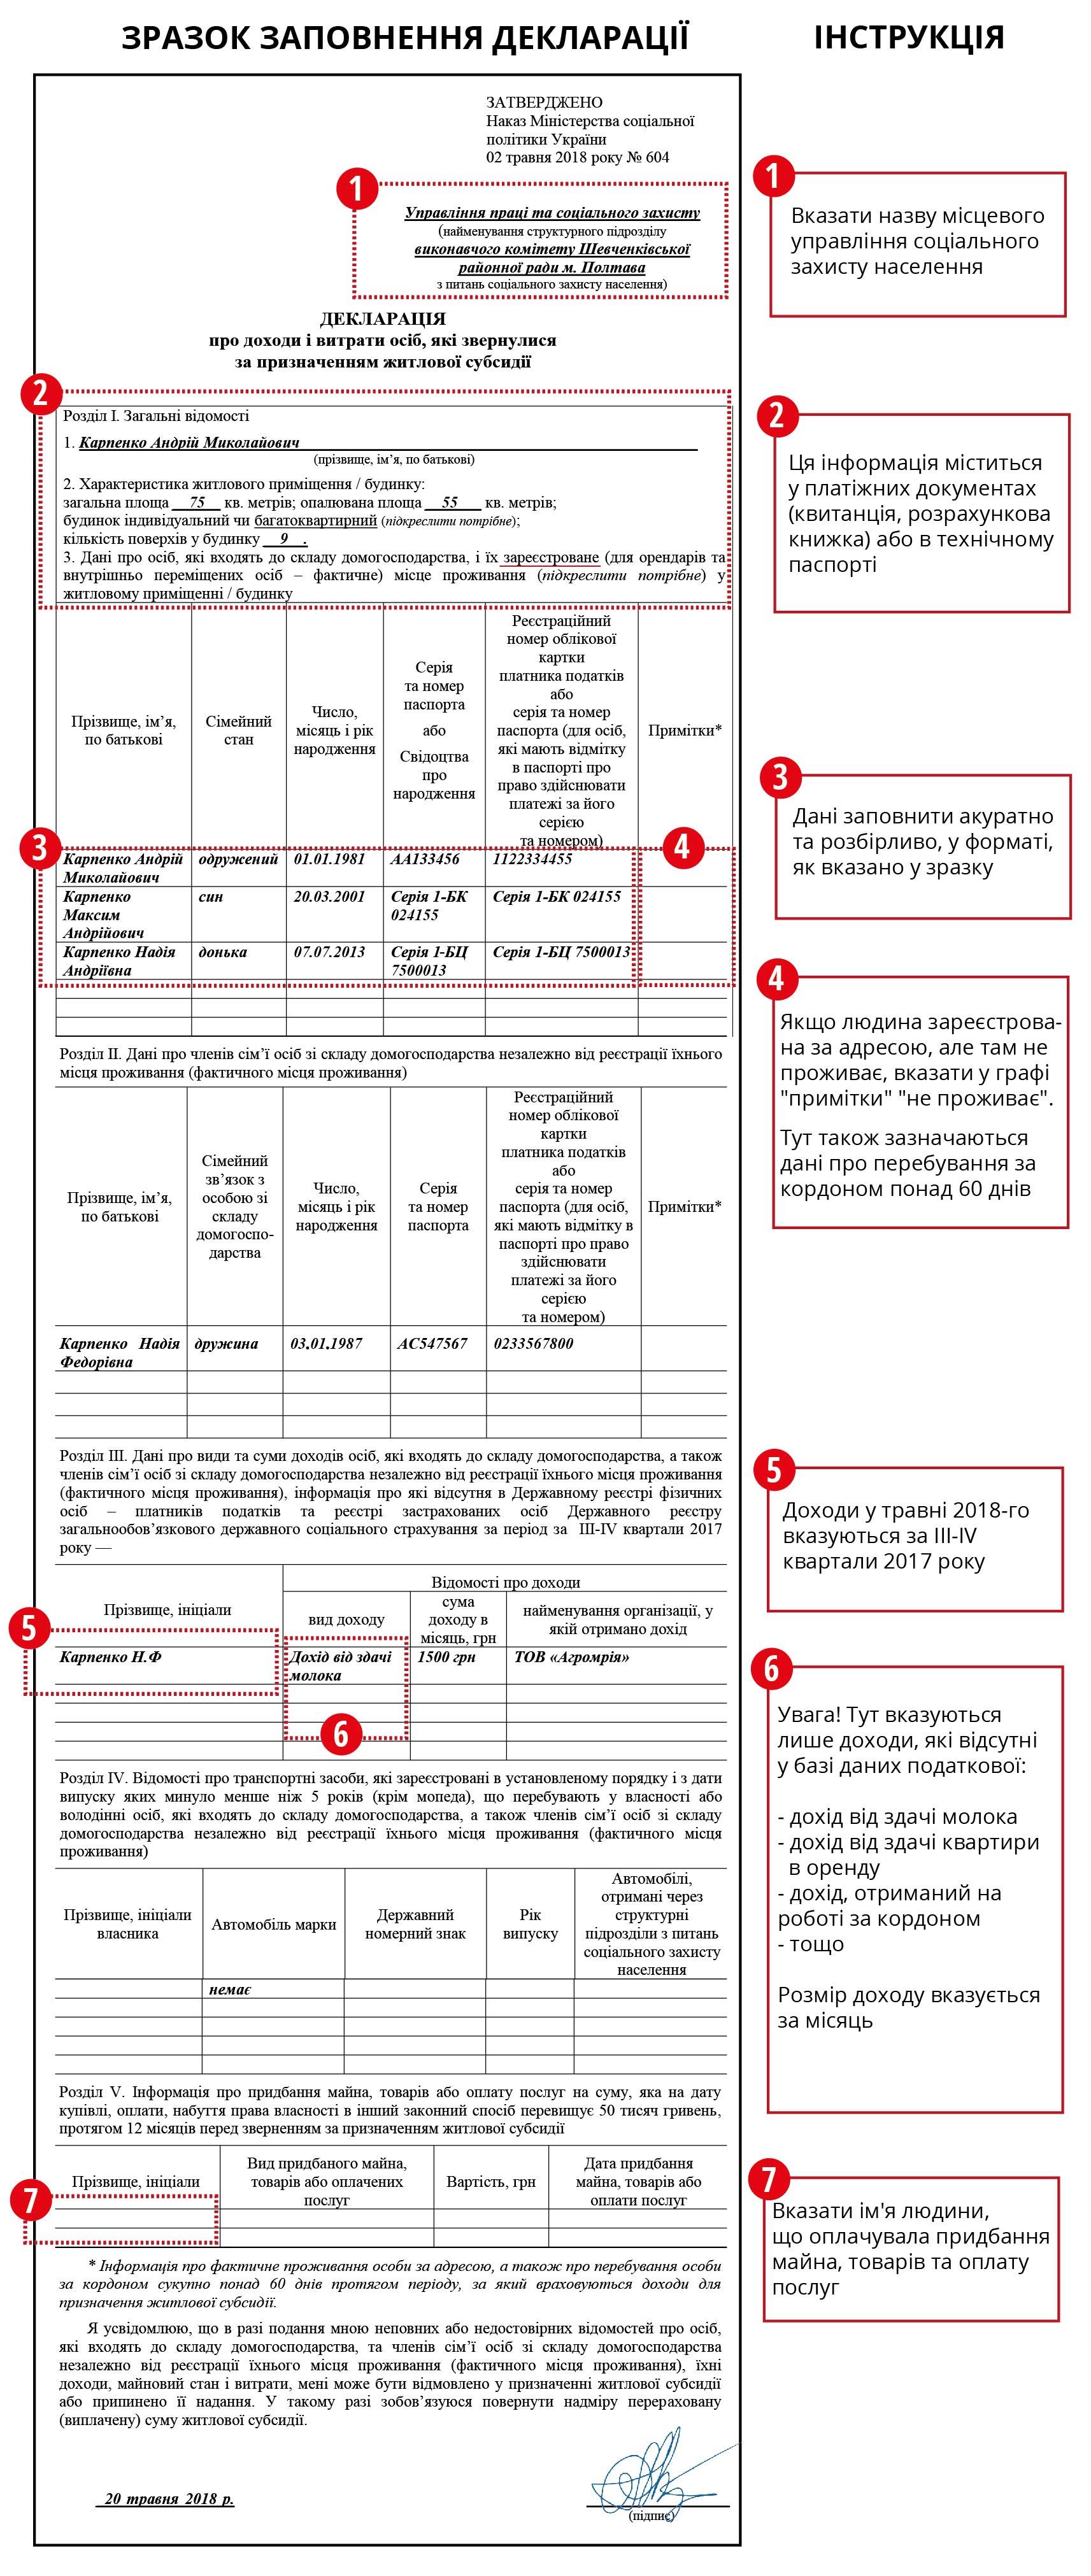 Зразок заповнення декларації про доходи для отримання субсидії